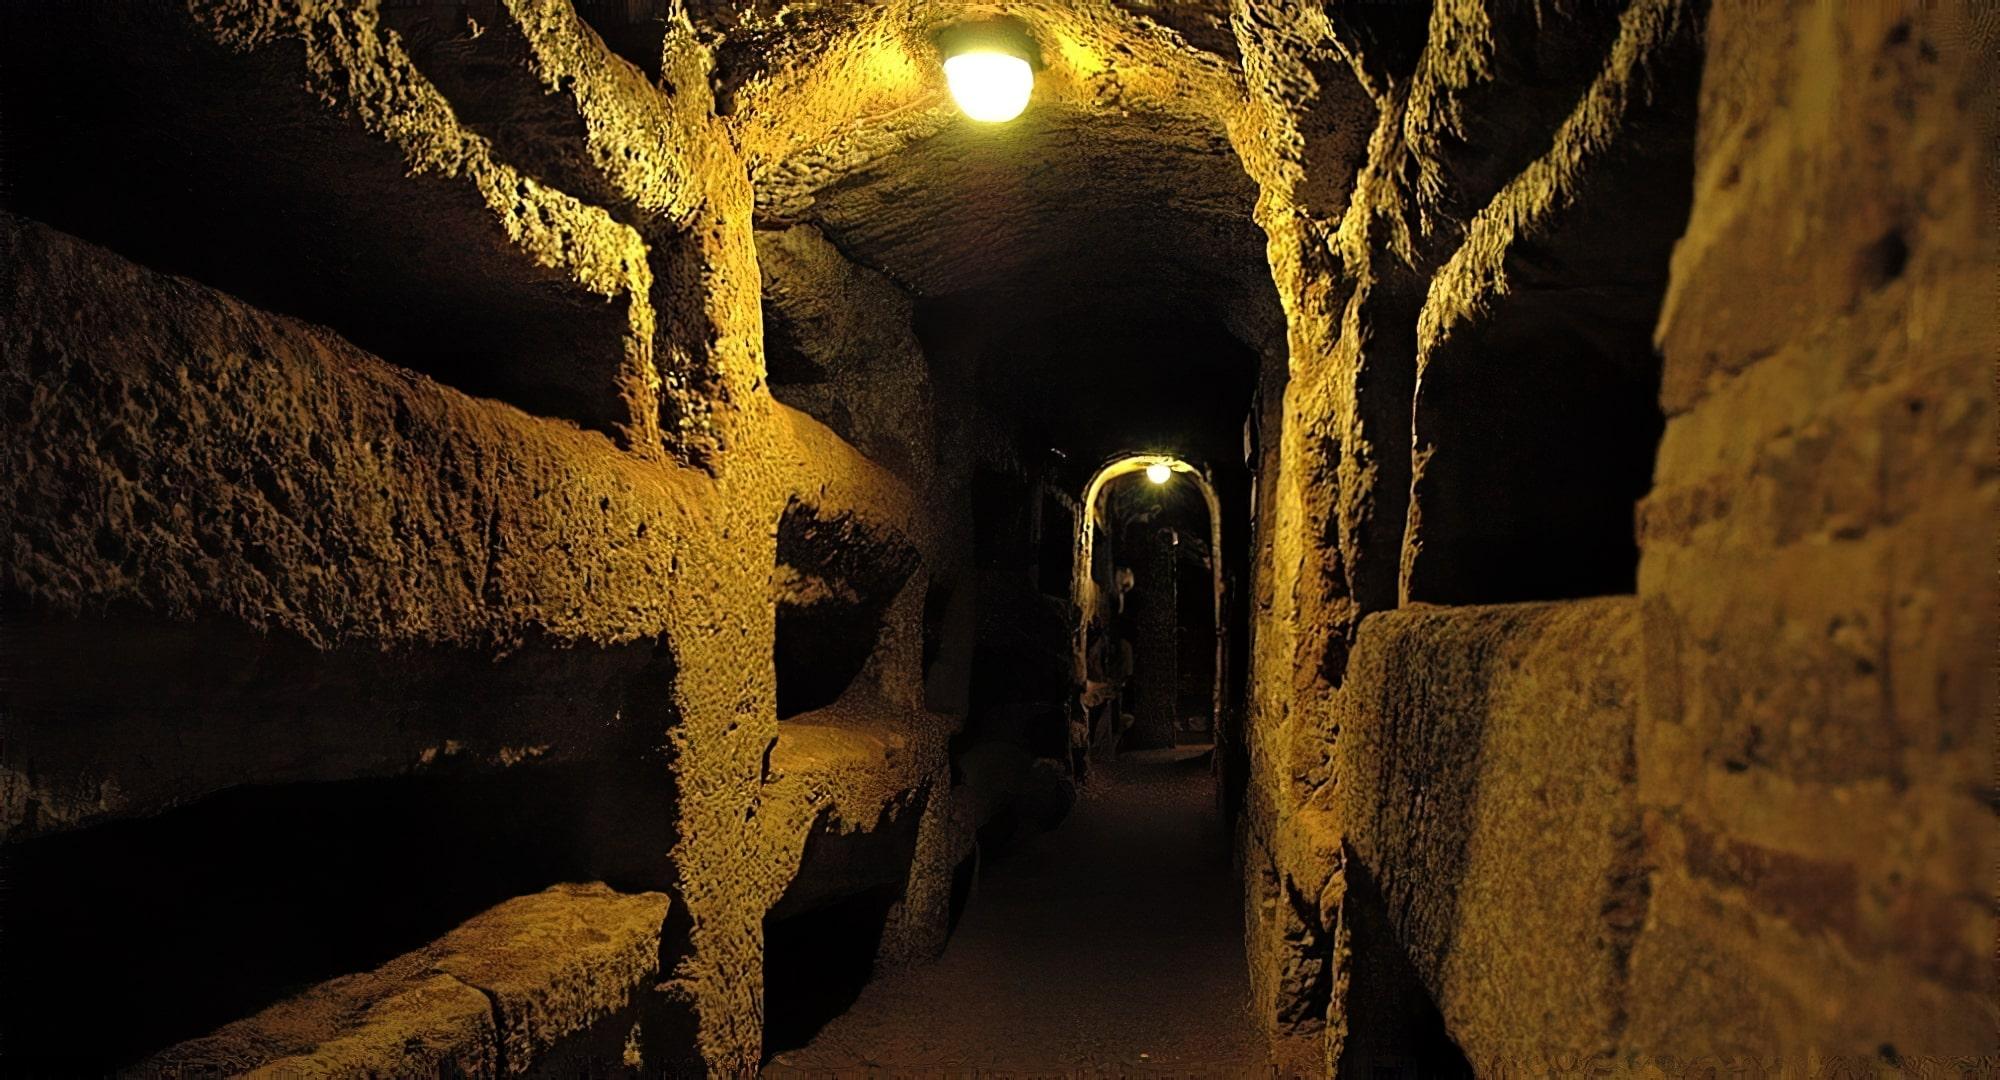 Visiter les Catacombes de Rome